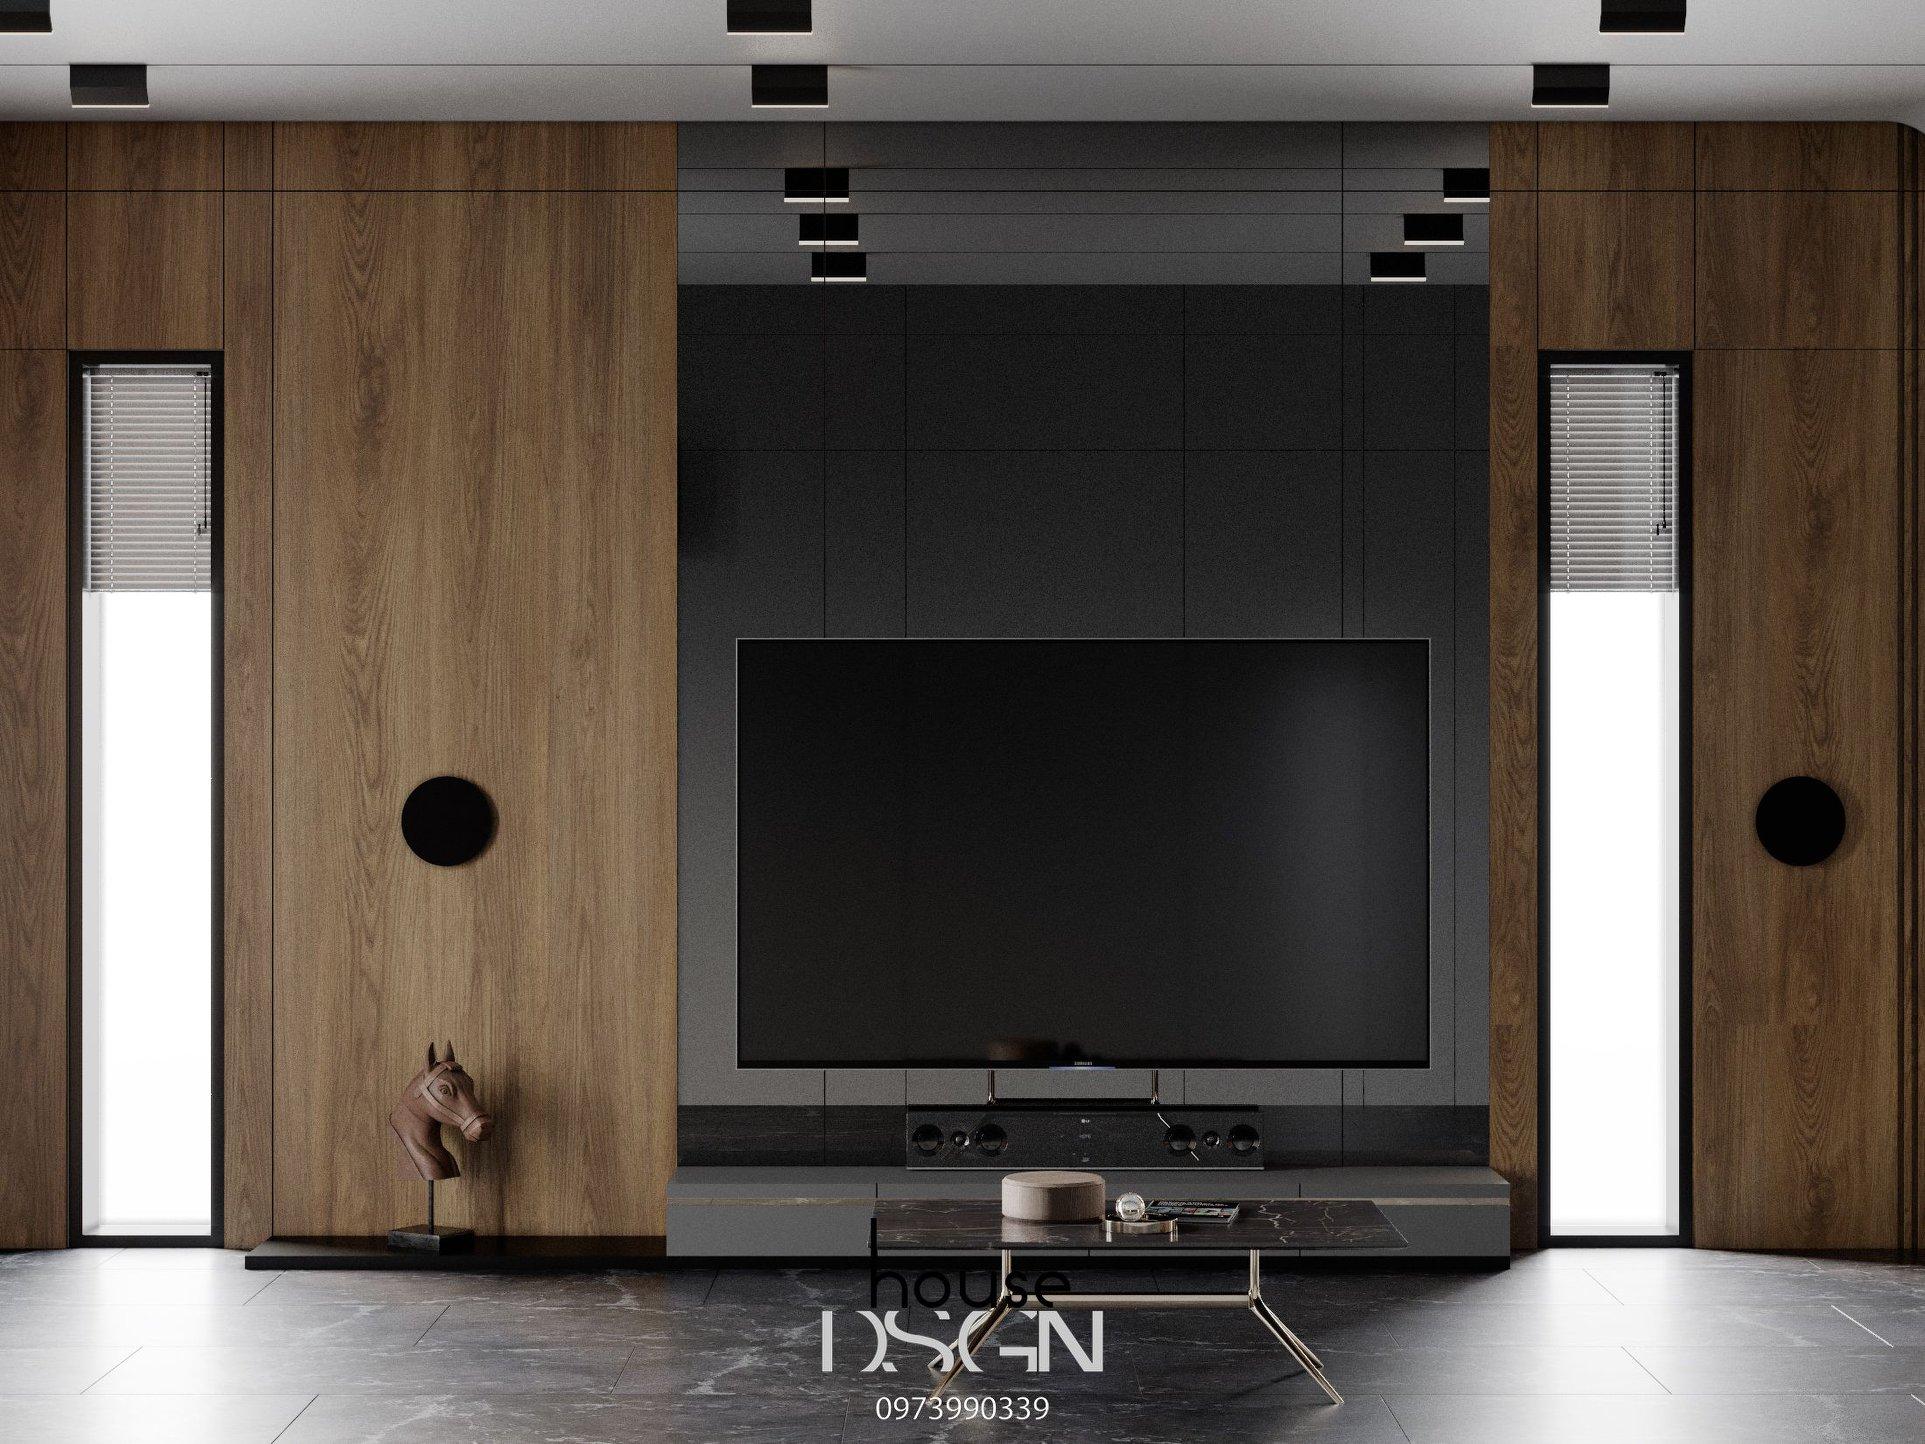 mẫu phong cách thiết kế nội thất mix and match đẹp và hiện đại